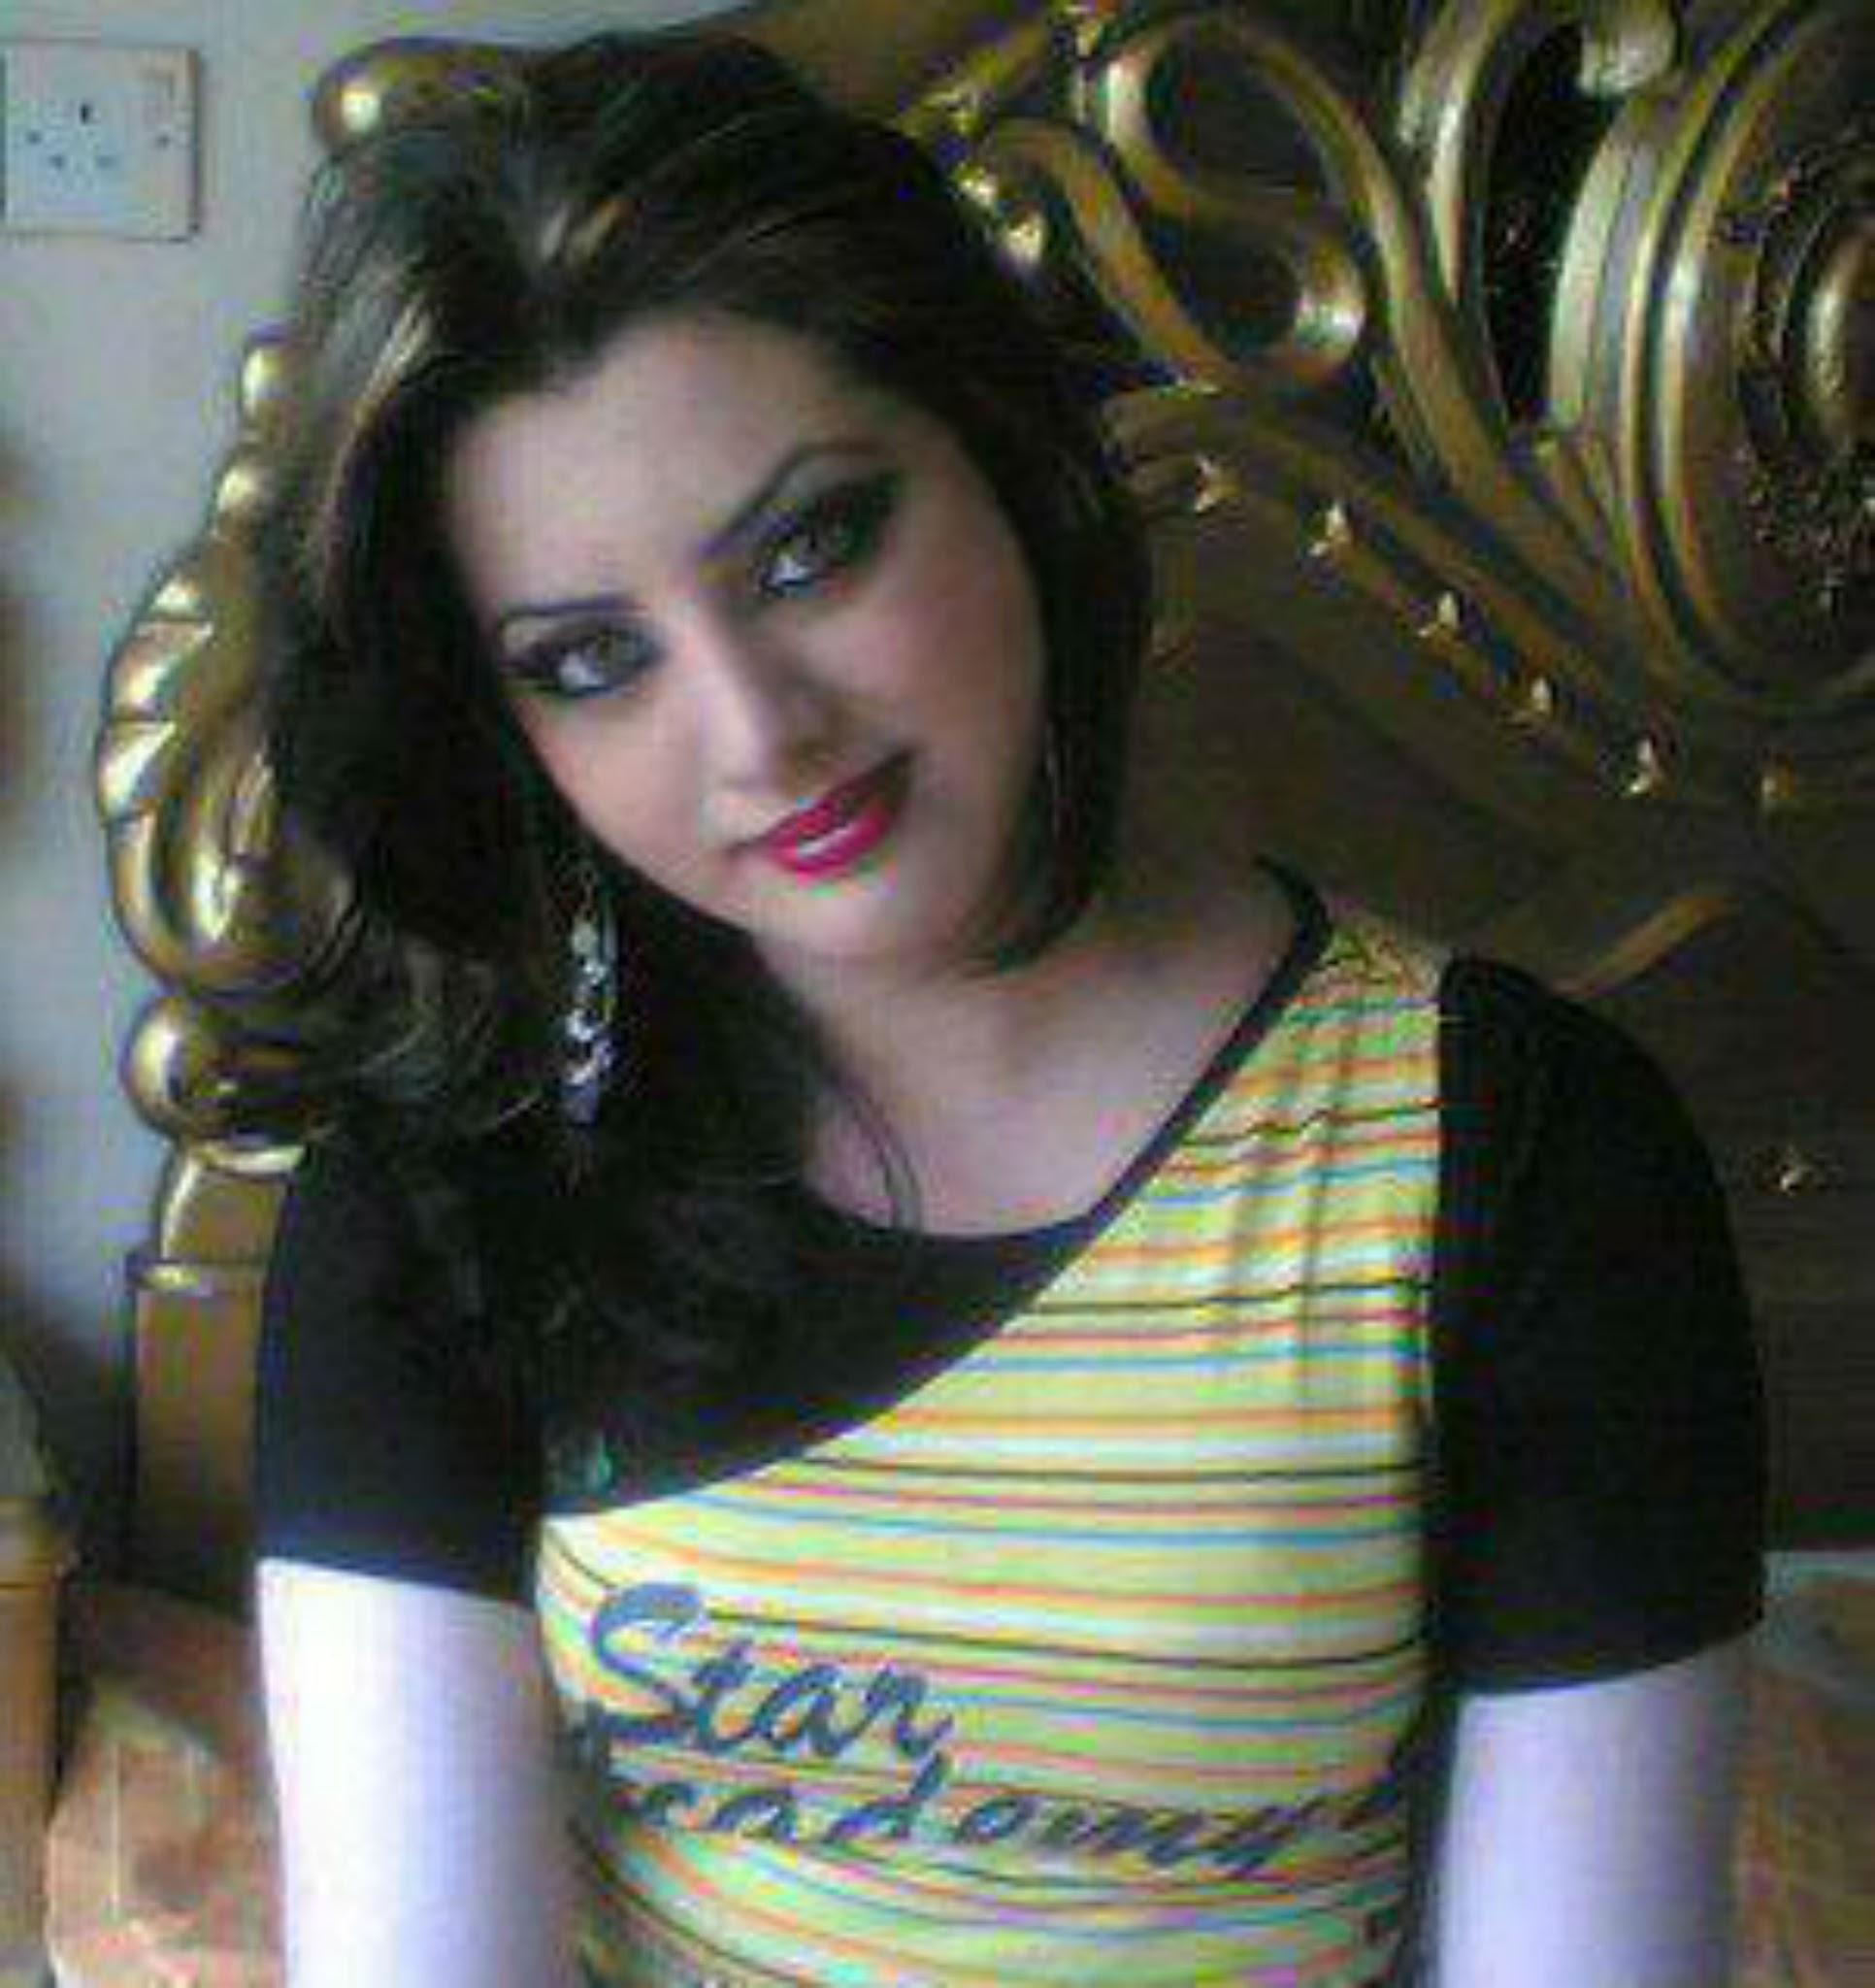 بالصور صور بنات سوريات , الجمال فى البنات السوريات 2968 9